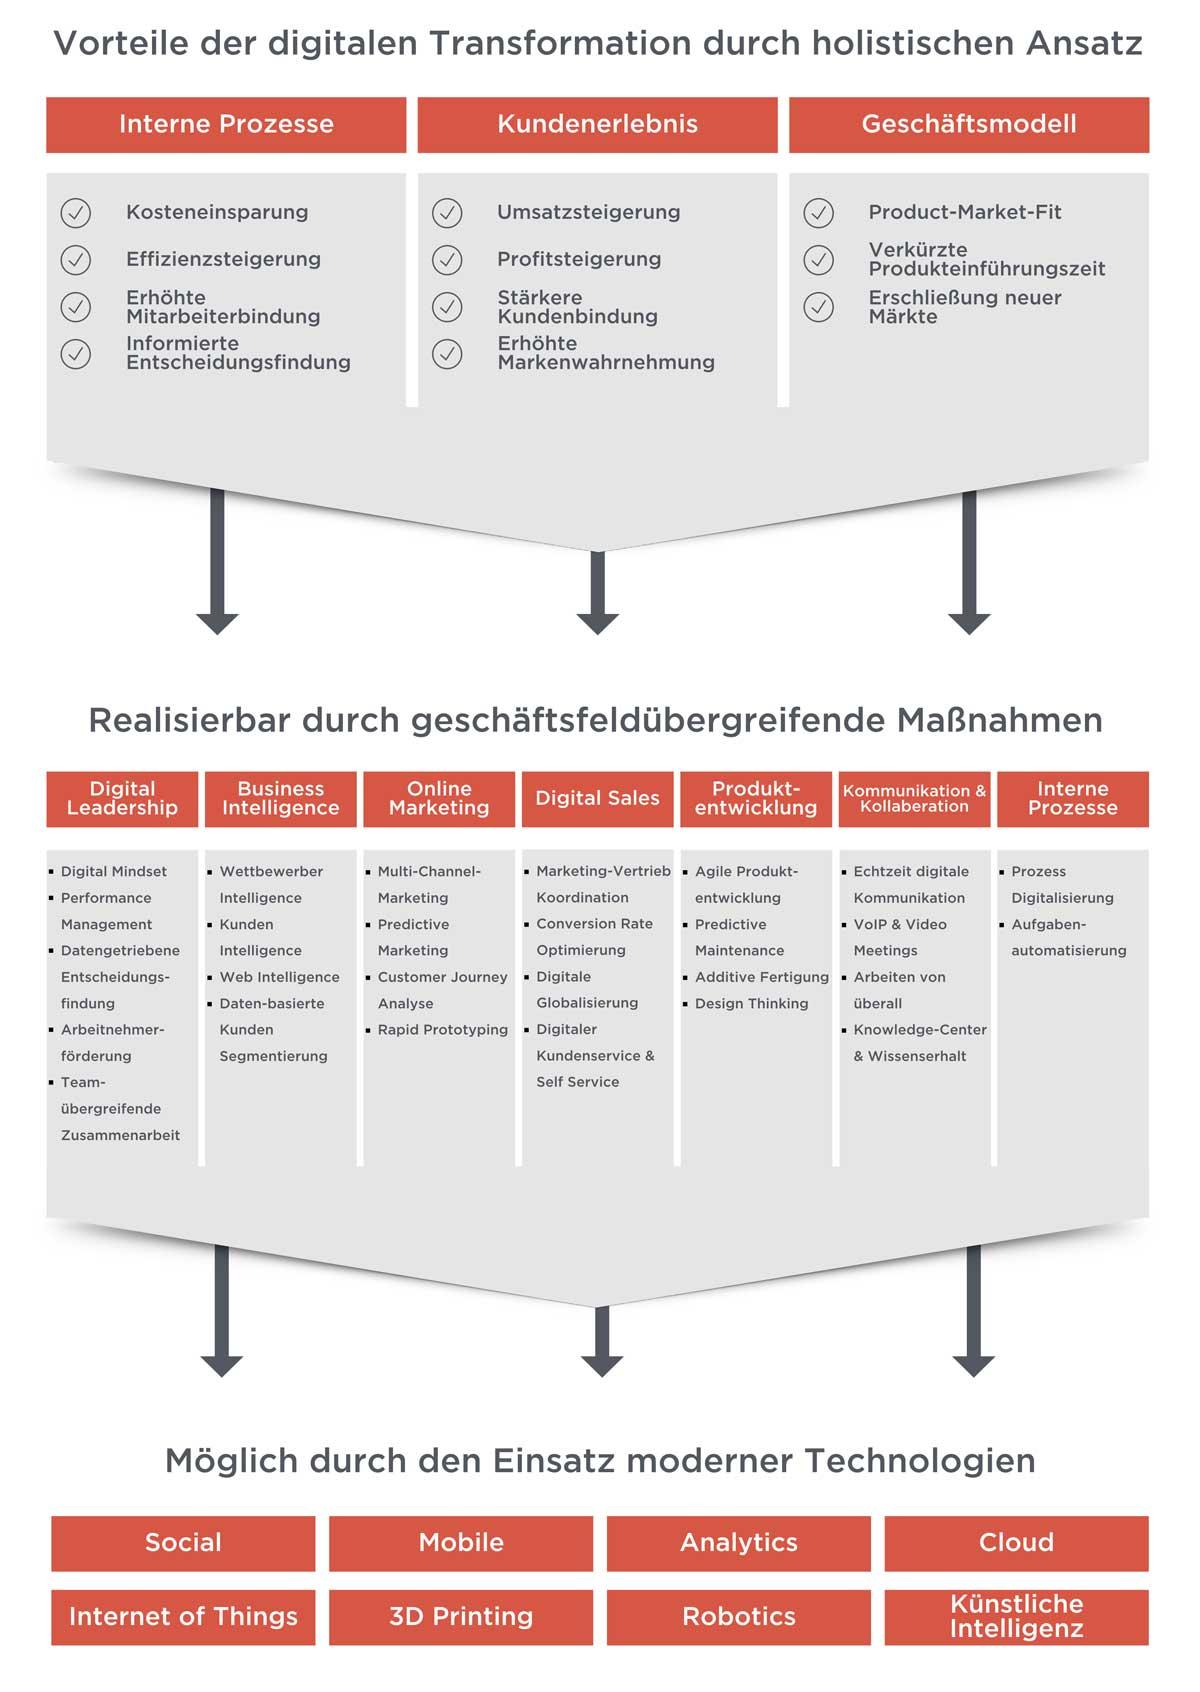 Vorteile, Durchführung und Technologien für digitale Transformation